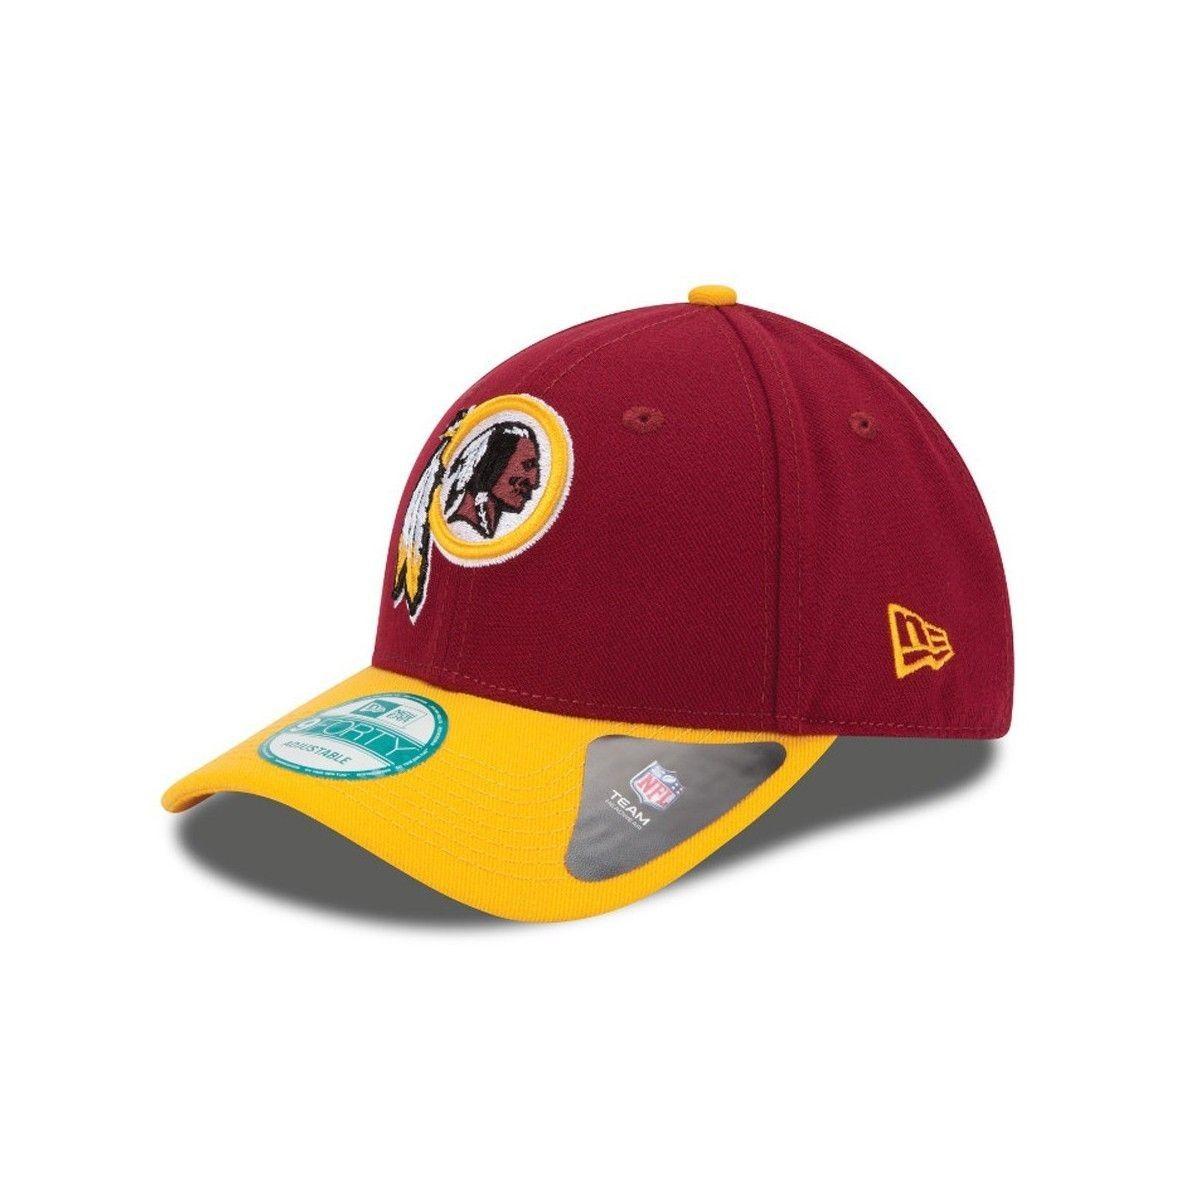 NFL 2017 SIDELINE Washington Redskins New Era 39Thirty Cap